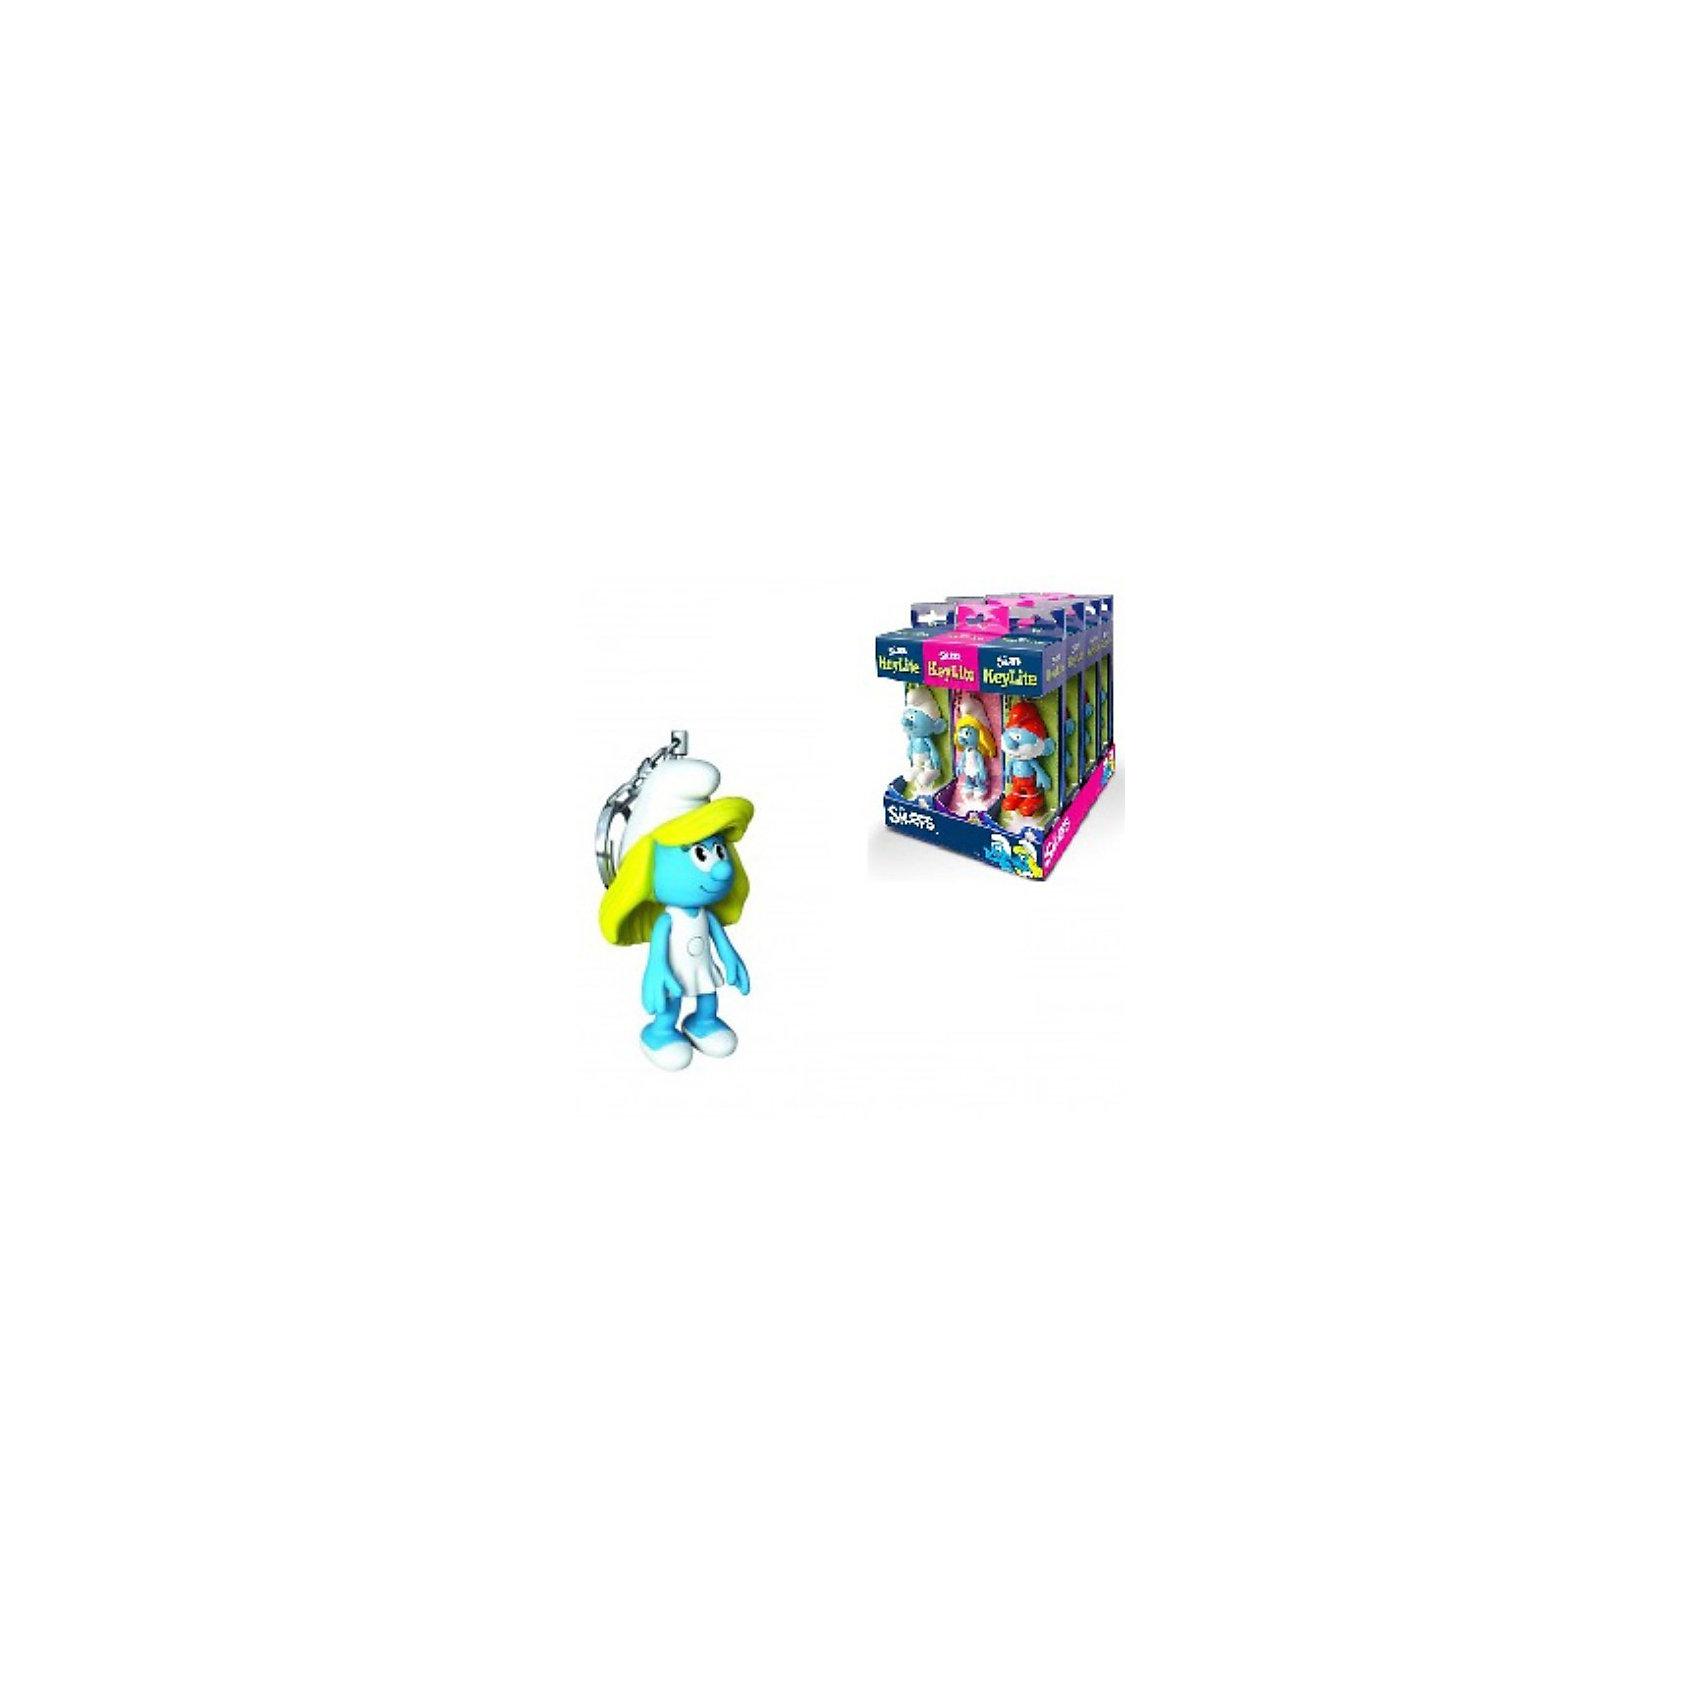 Брелок-фонарик для ключей СмурфеттаБрелок-фонарик для ключей Смурфетта (The Smurfs) - стильный брелок-фонарик станет отличным подарком для поклонников сказочных гномиков Смурфов.<br>Оригинальный брелок-фонарик изготовлен в виде фигурки Смурфетты. Удобная кнопка включения и выключения позволяет играть с брелоком и без опасения тратить заряд. Брелок-фонарик с подвижными руками и ногами обязательно завоюет сердце малыша! Металлическое крепление для ключей входит в комплект.<br><br>Дополнительная информация:<br><br>-Батарейки: 2хCR2025 (входят в комплект)<br>-Материал: пластик, металл<br>-Высота фигурки: 7 см.<br>-Возраст: от 5 лет<br><br>Брелок-фонарик для ключей Смурфетта можно купить в нашем интернет-магазине.<br><br>Ширина мм: 50<br>Глубина мм: 50<br>Высота мм: 170<br>Вес г: 53<br>Возраст от месяцев: 36<br>Возраст до месяцев: 144<br>Пол: Женский<br>Возраст: Детский<br>SKU: 3514701